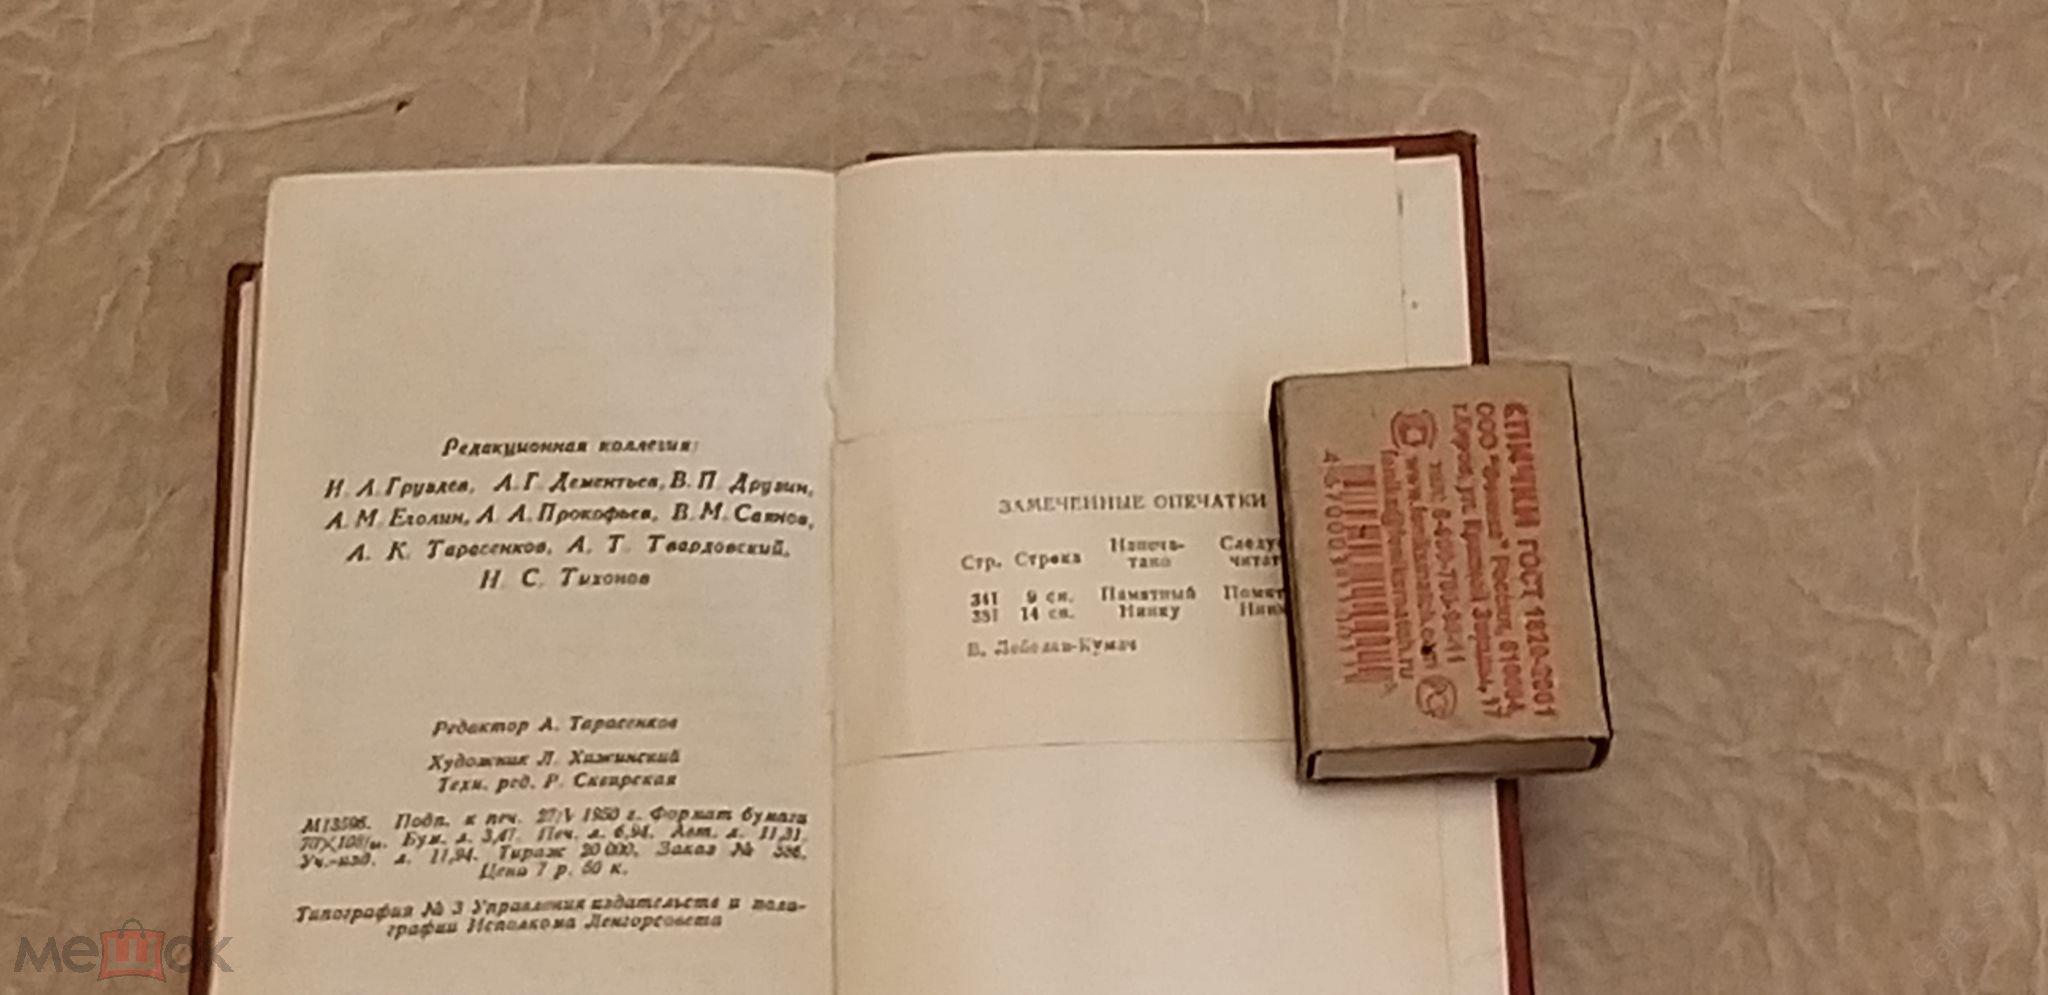 Лебедев -Кумач. Поэзия.Библиотека поэта. Малая серия, второе издание 1950г.